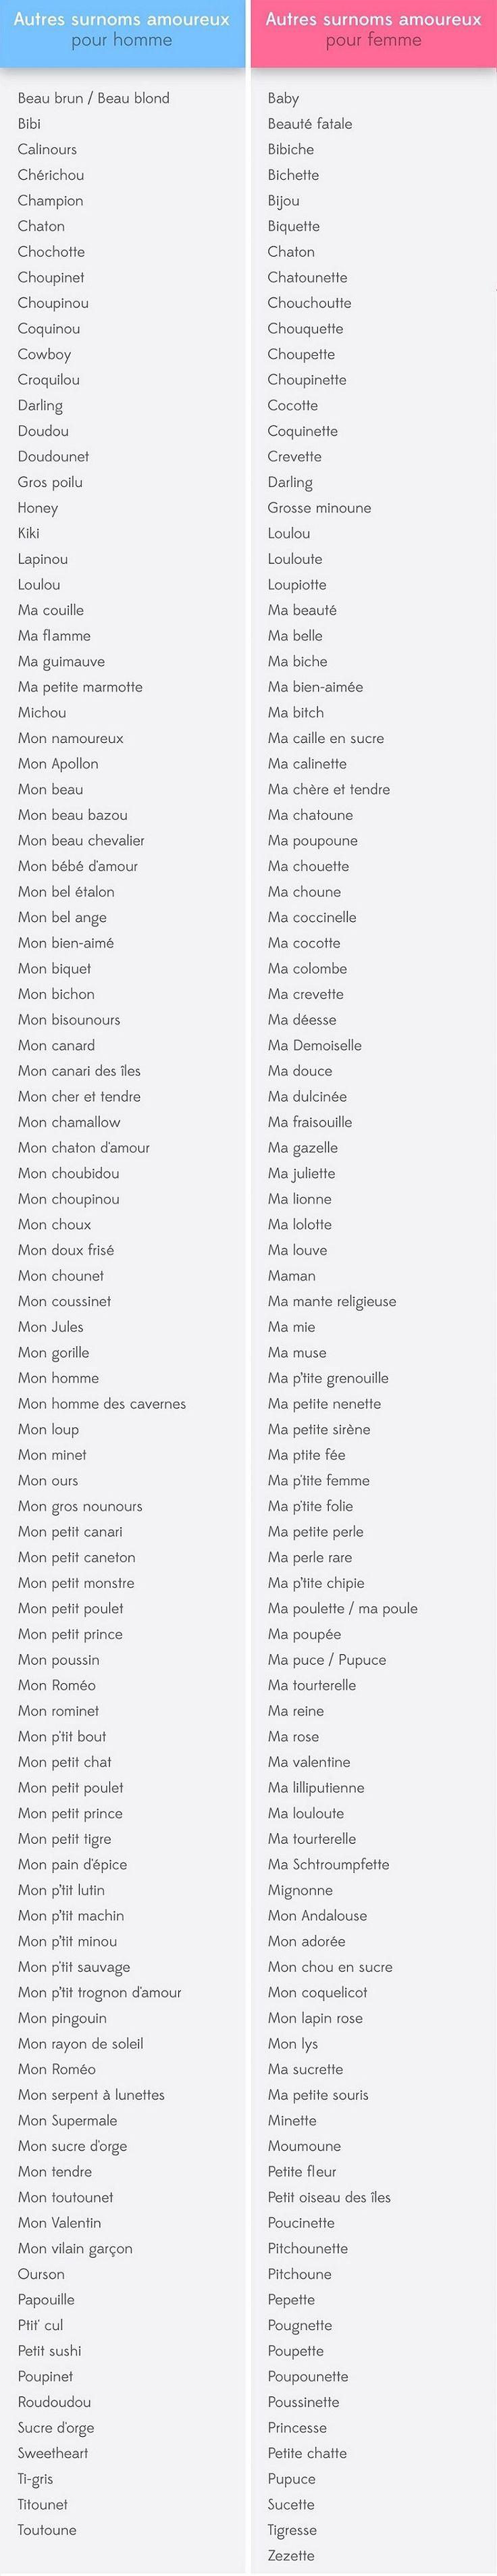 Source : http://www.demotivateur.fr/article-buzz/voici-les-200-surnoms-les-plus-utilises-pour-appeler-votre-amoureux-amoureuse-lequel-est-le-votre--3372